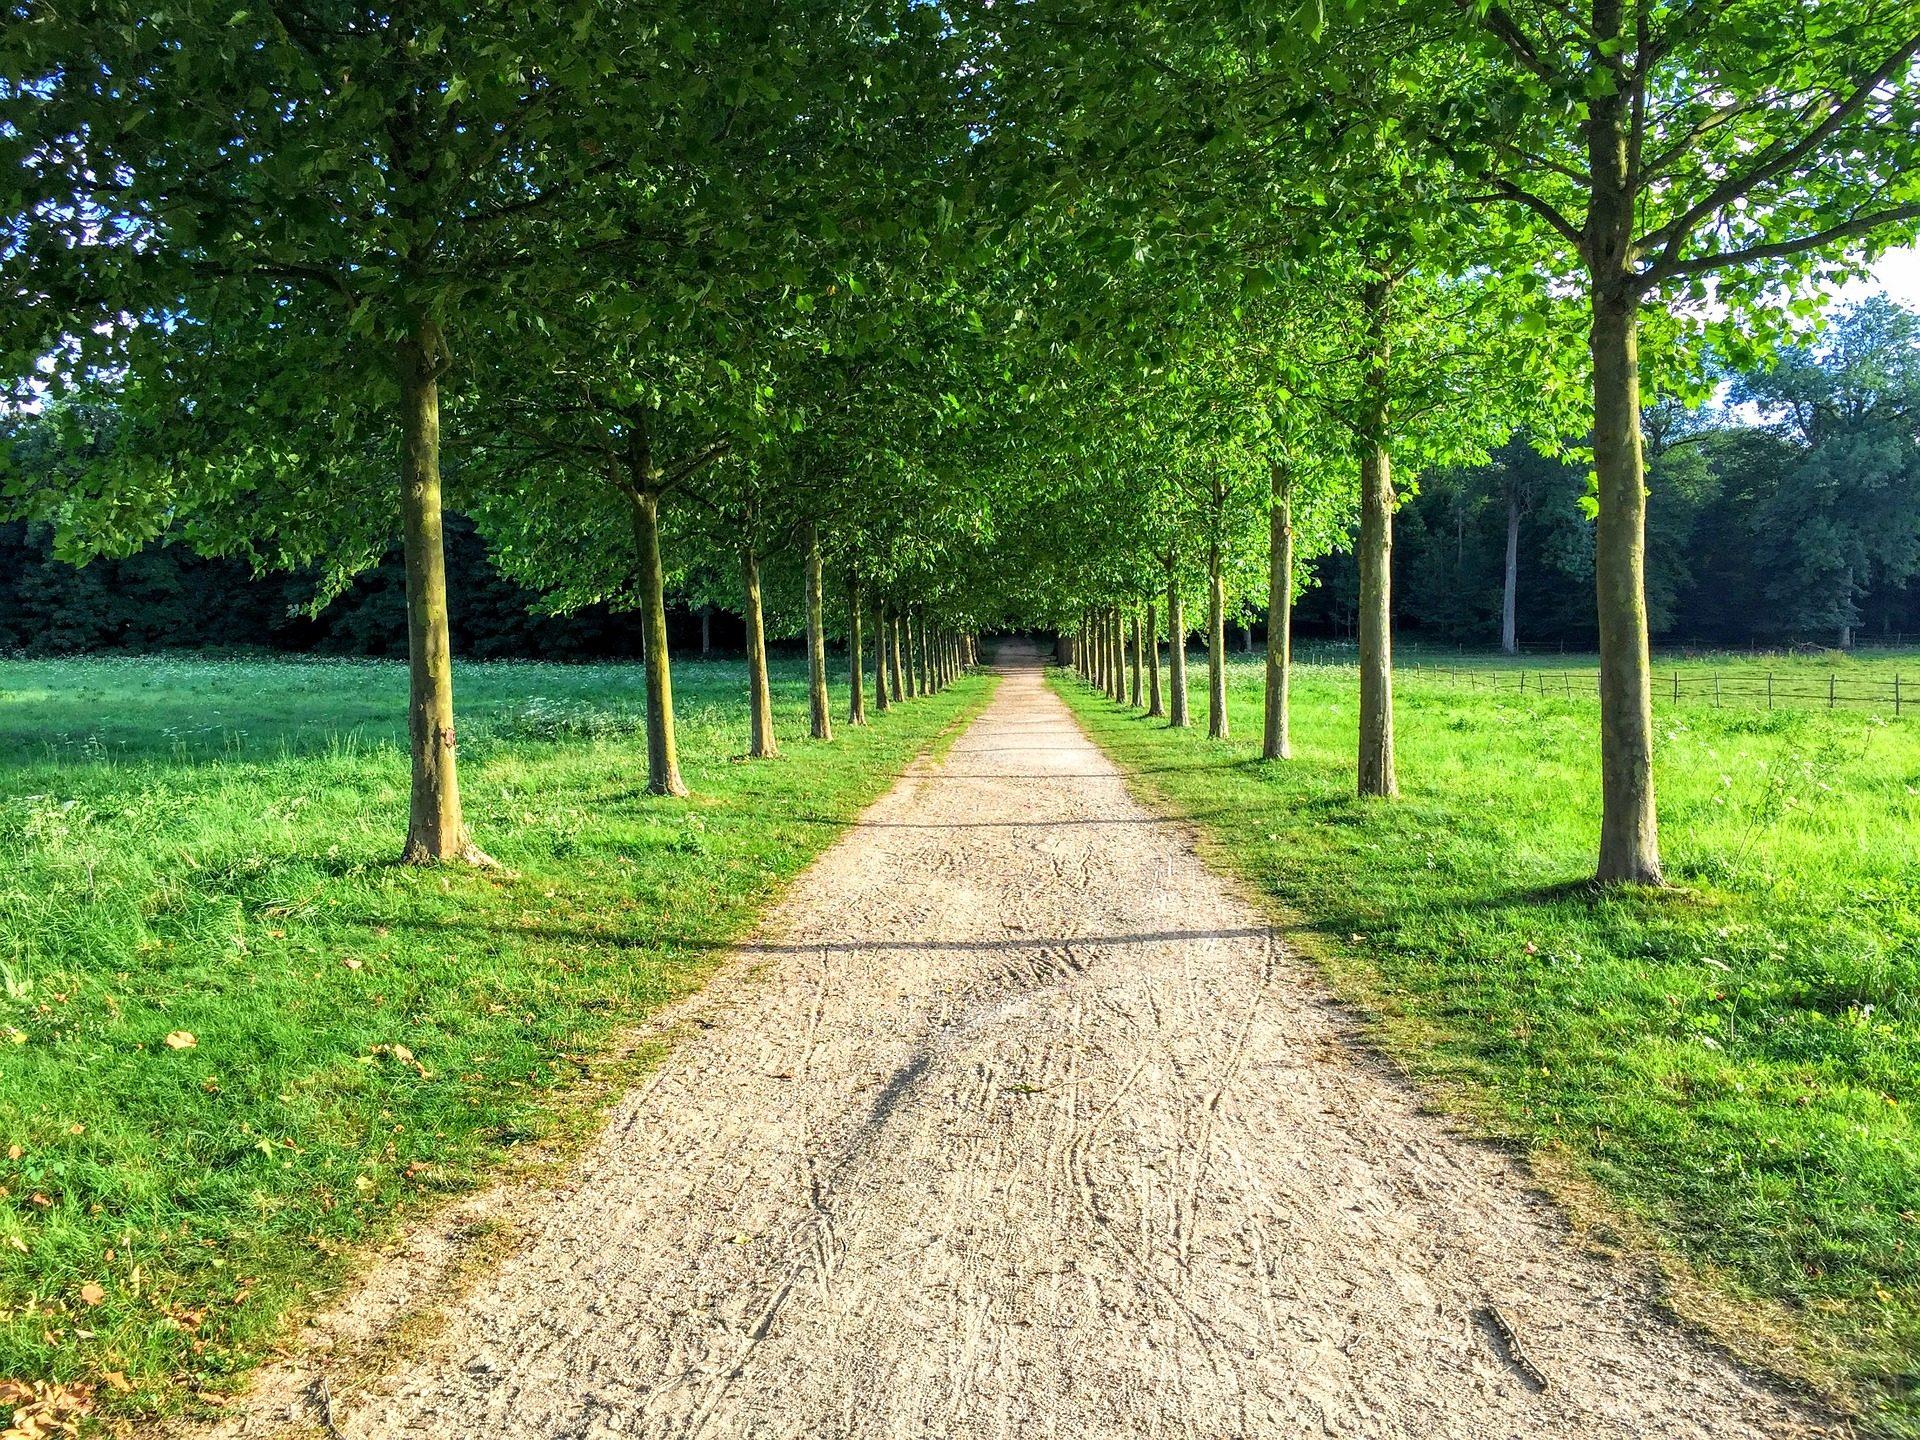 Fondo de pantalla de camino sendero rboles prado for Casa con un camino